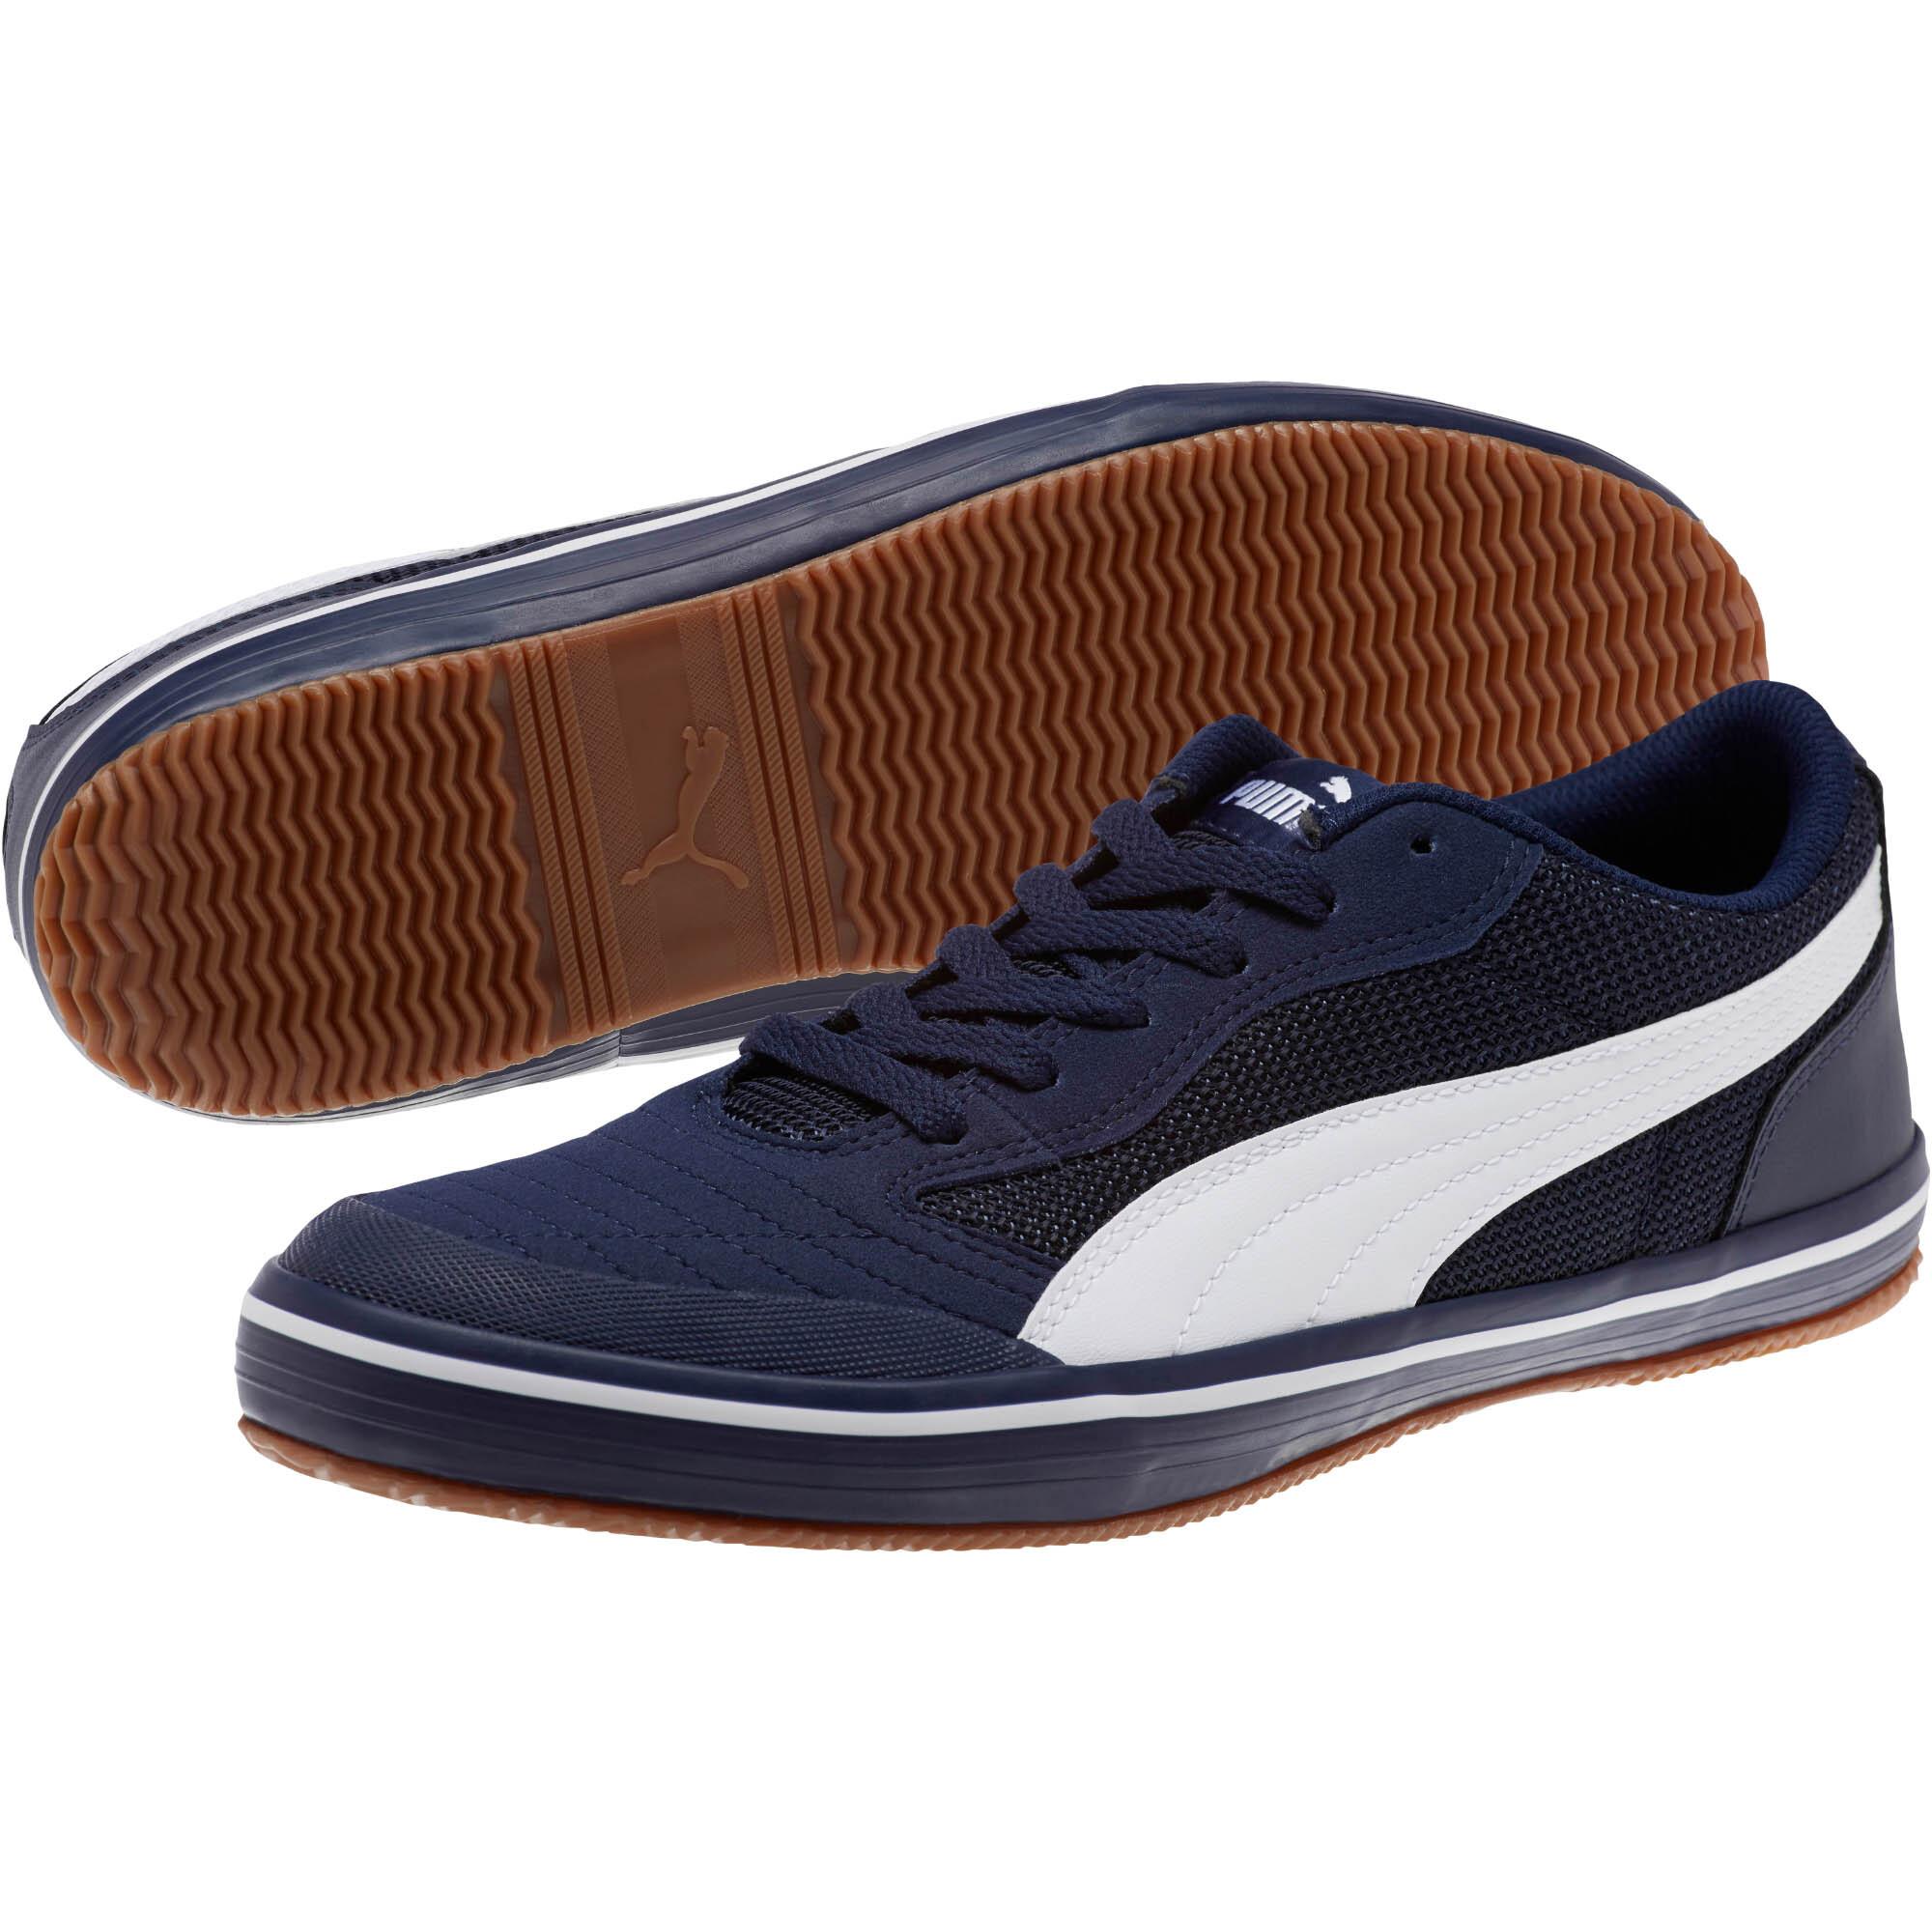 PUMA-Astro-Sala-Men-039-s-Sneakers-Men-Shoe-Basics thumbnail 15